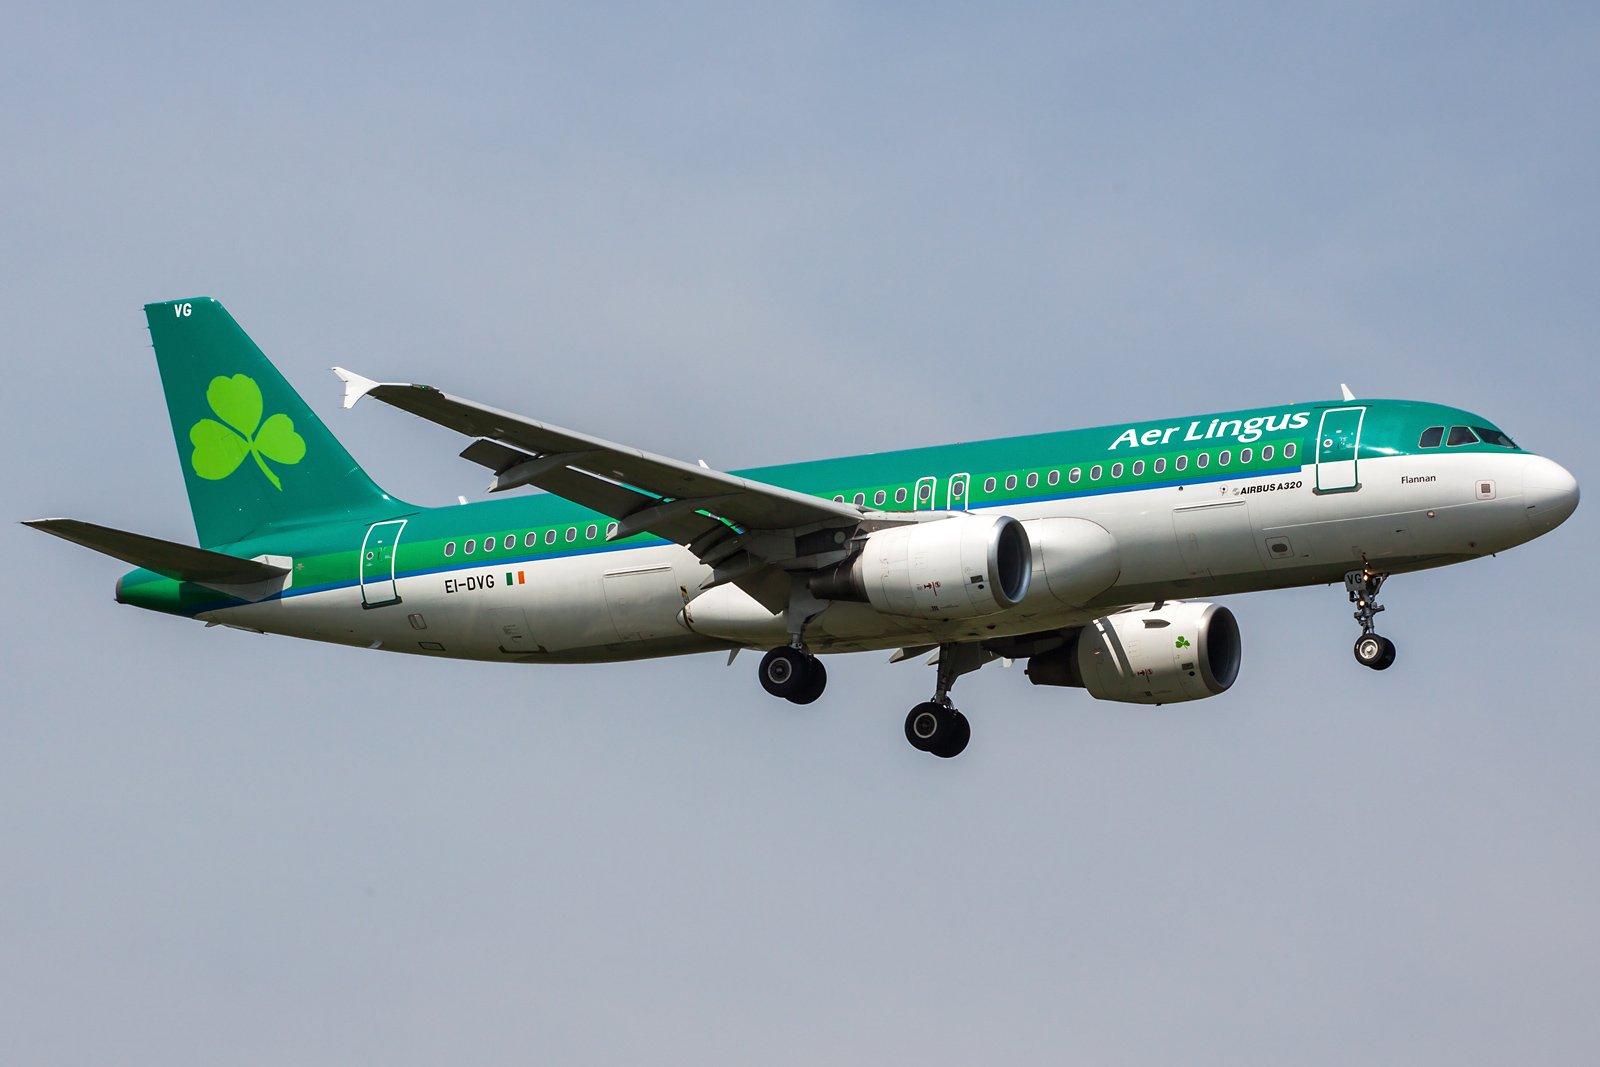 Aer Lingus Airbus A320-214 EI-DVG